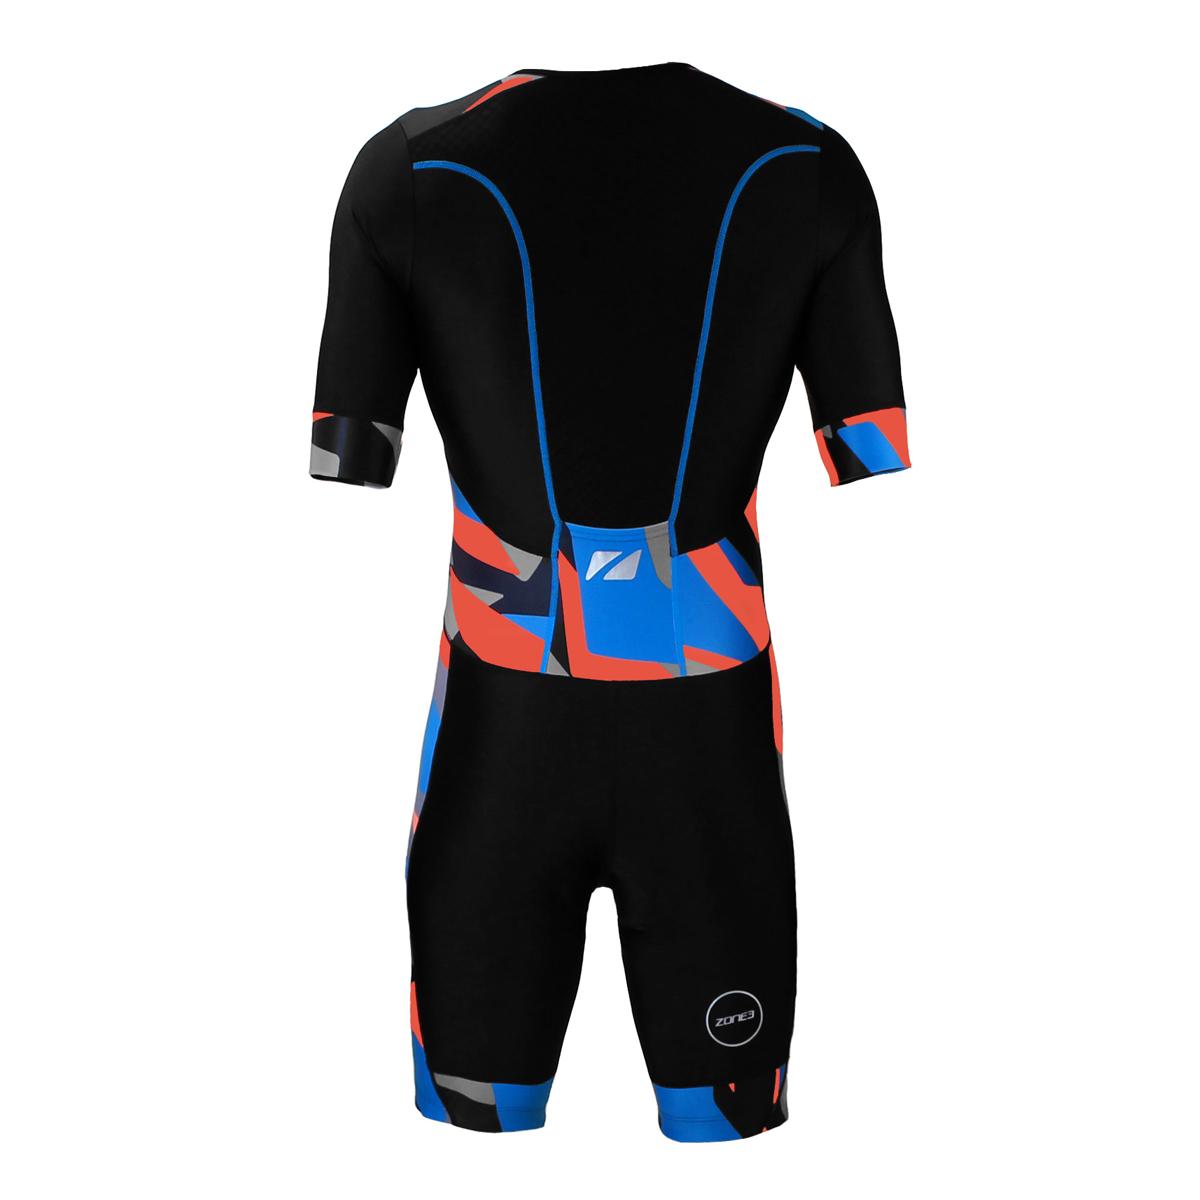 67a171dc9ce Activate Plus Tri Suit Short Sleeve Men - Zone3